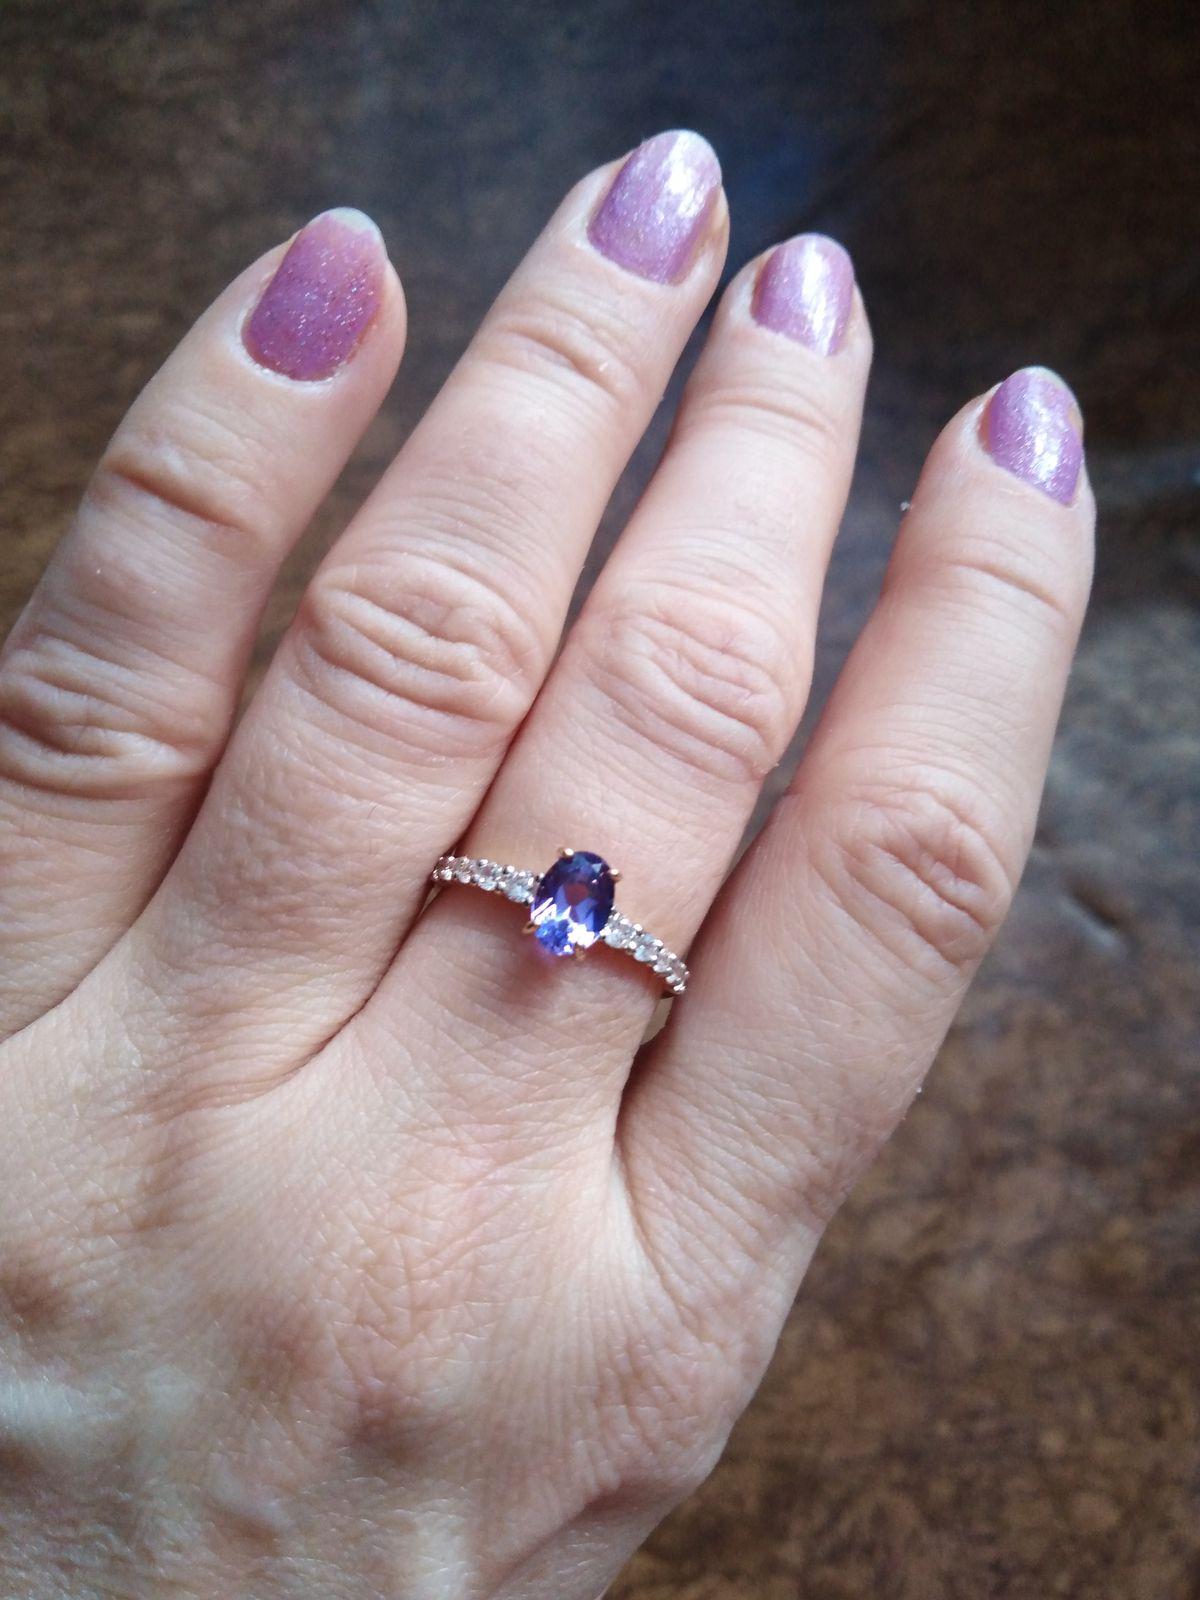 Изящное, недорогое колечко. Цвет меняет с синего на лиловый.Камень аметист..